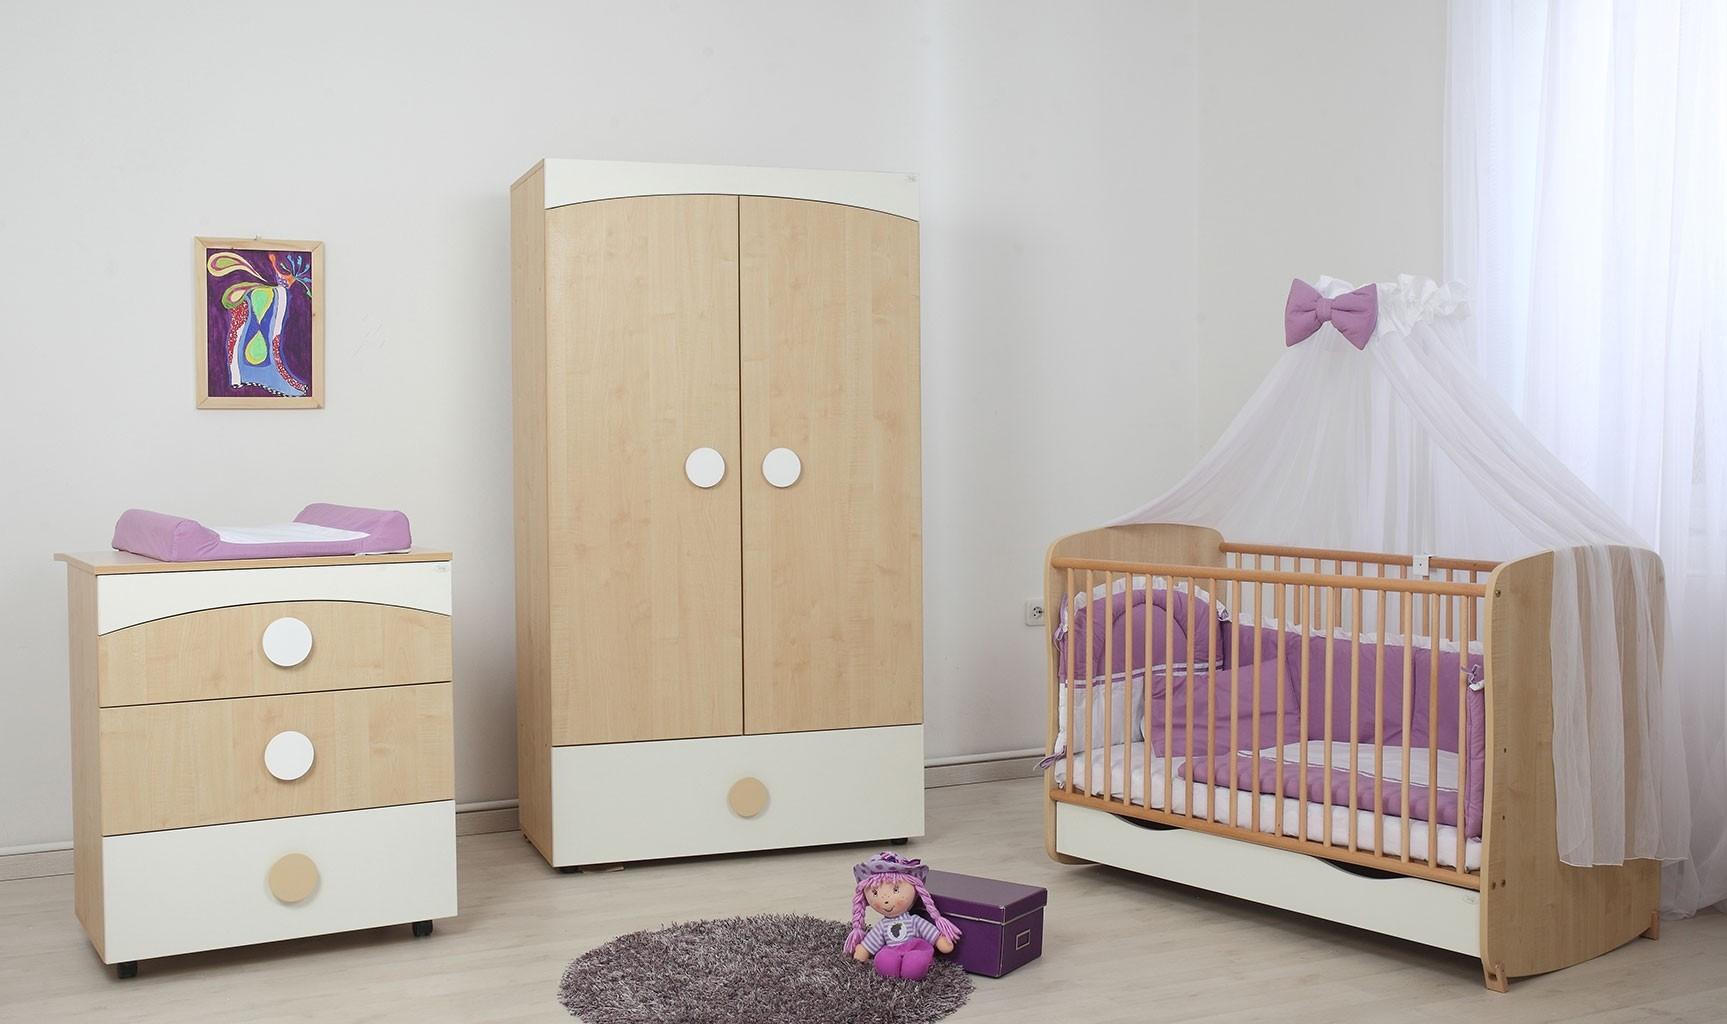 mobilier camera bebe clasic fashion de la bebe design. Black Bedroom Furniture Sets. Home Design Ideas